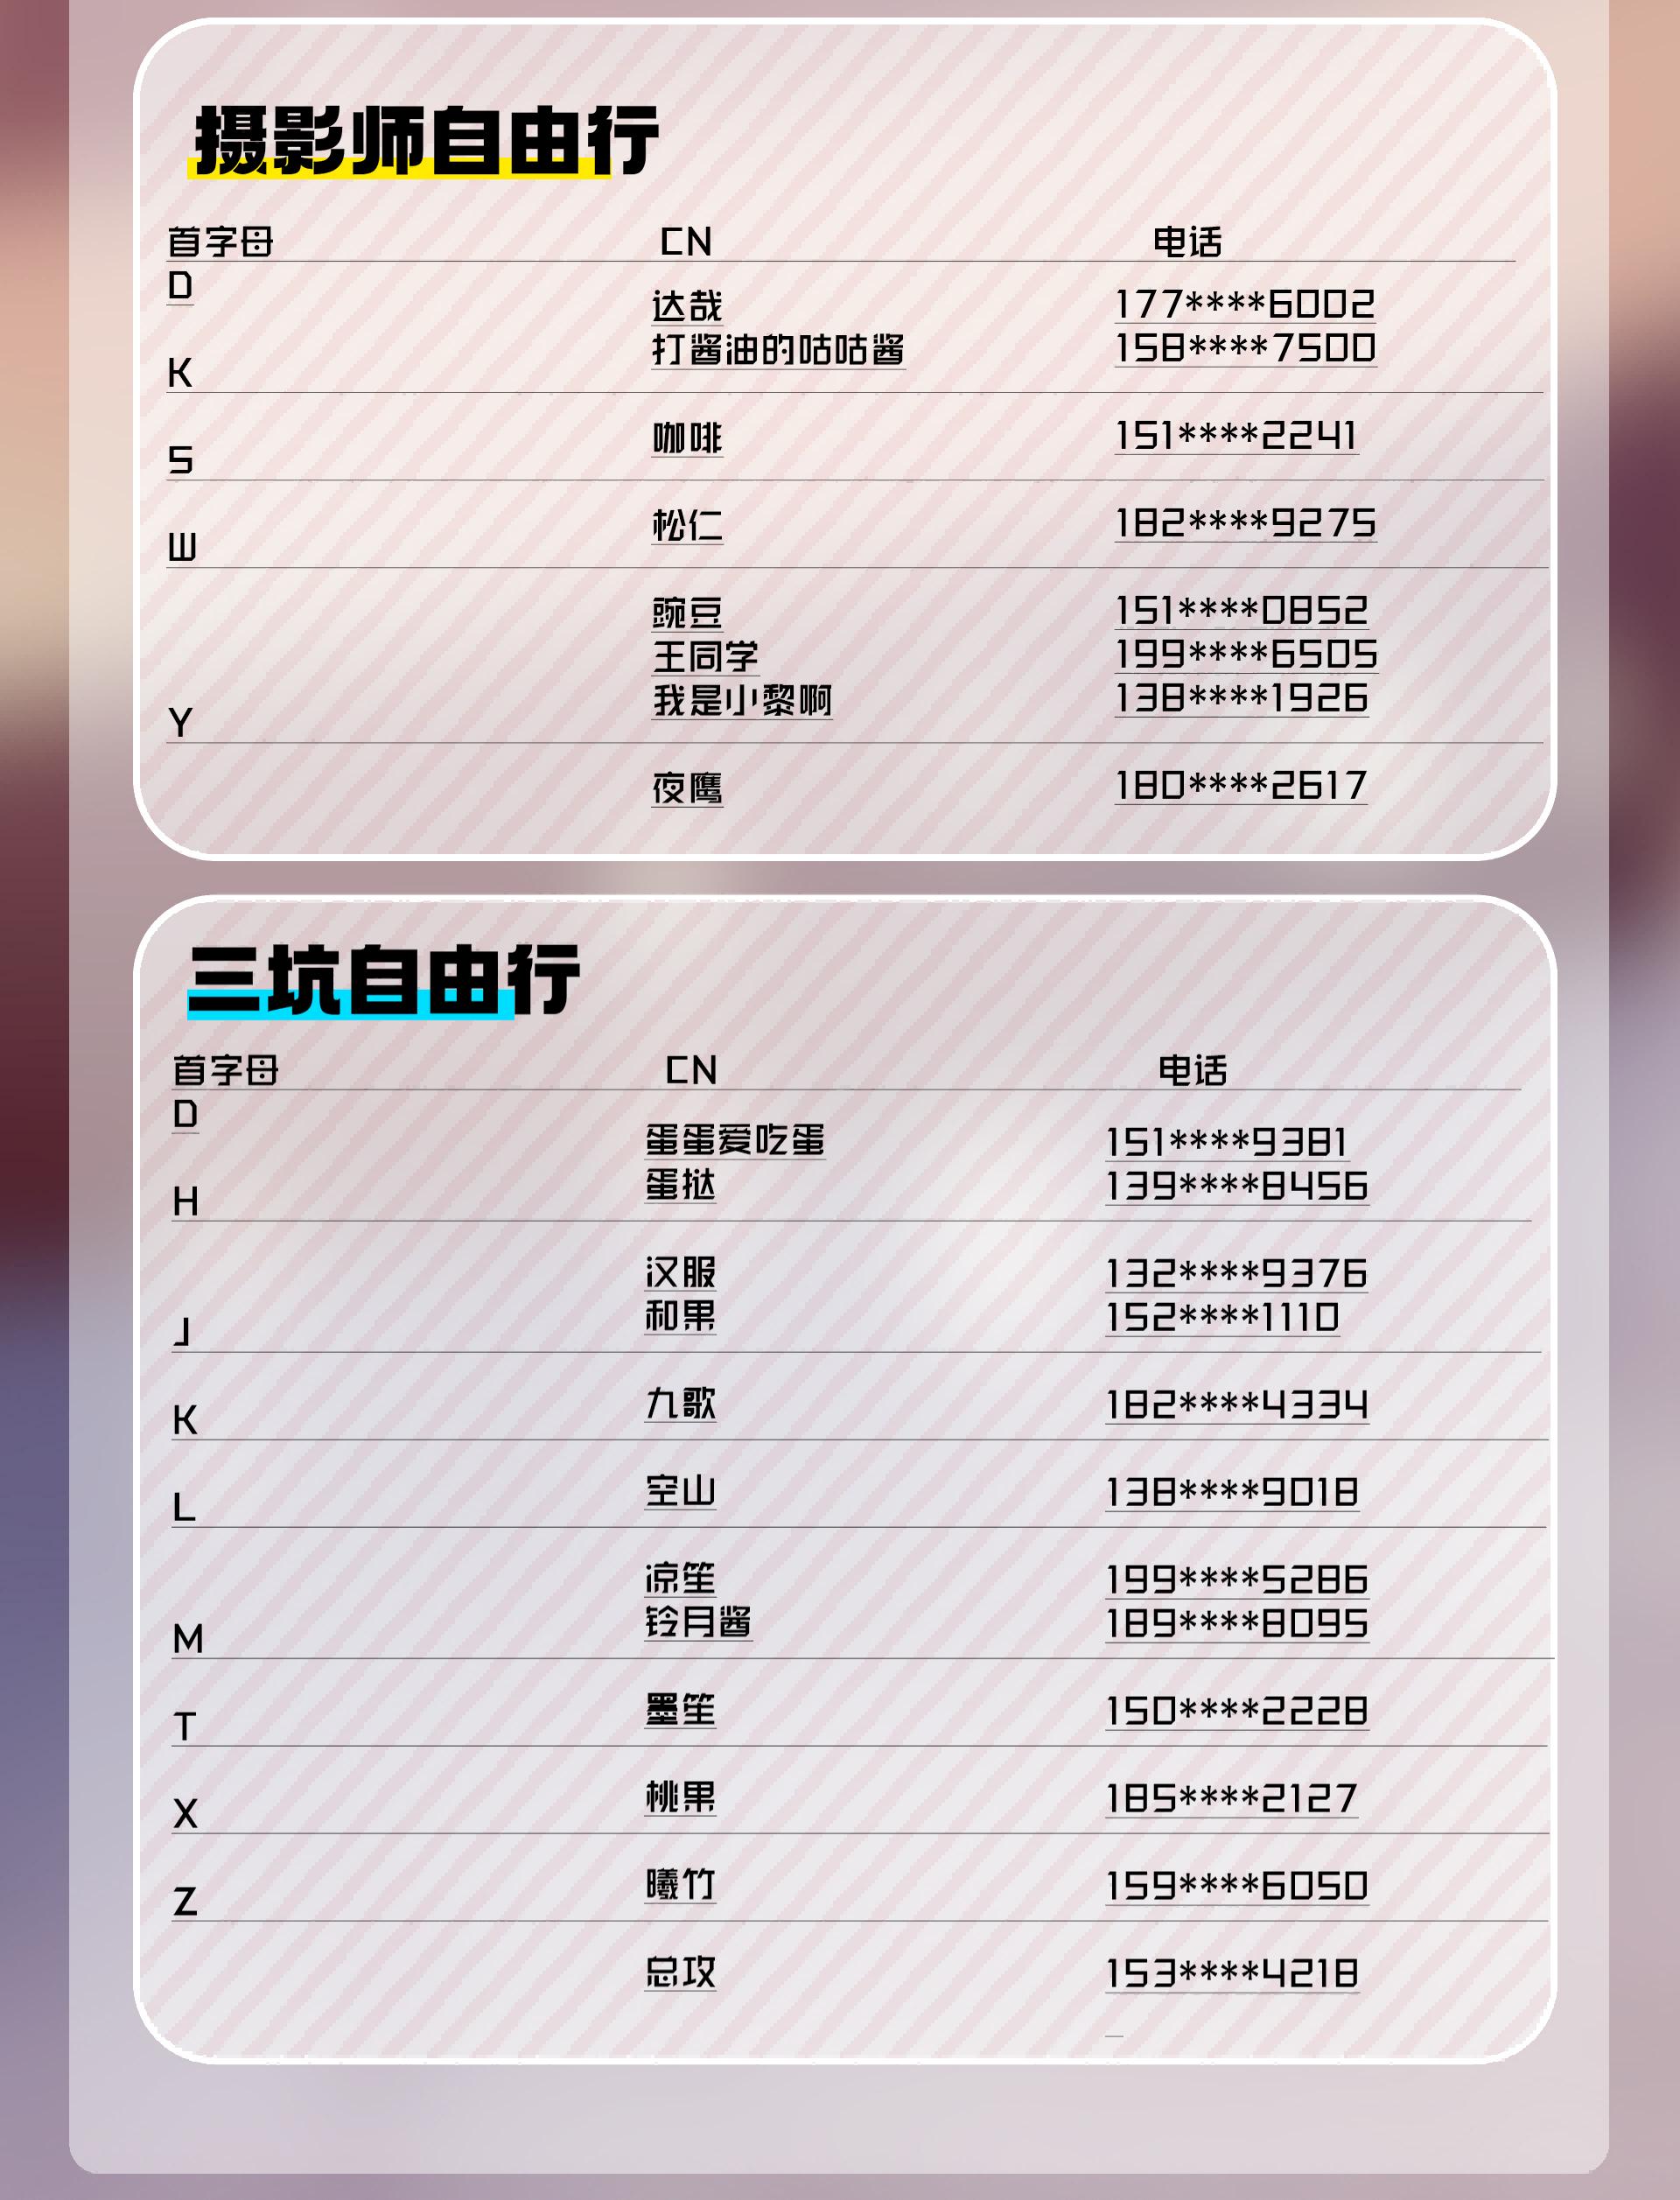 漫展情报 | 【IDO南京站】特邀重磅嘉宾全公开!最全游玩攻略参上!